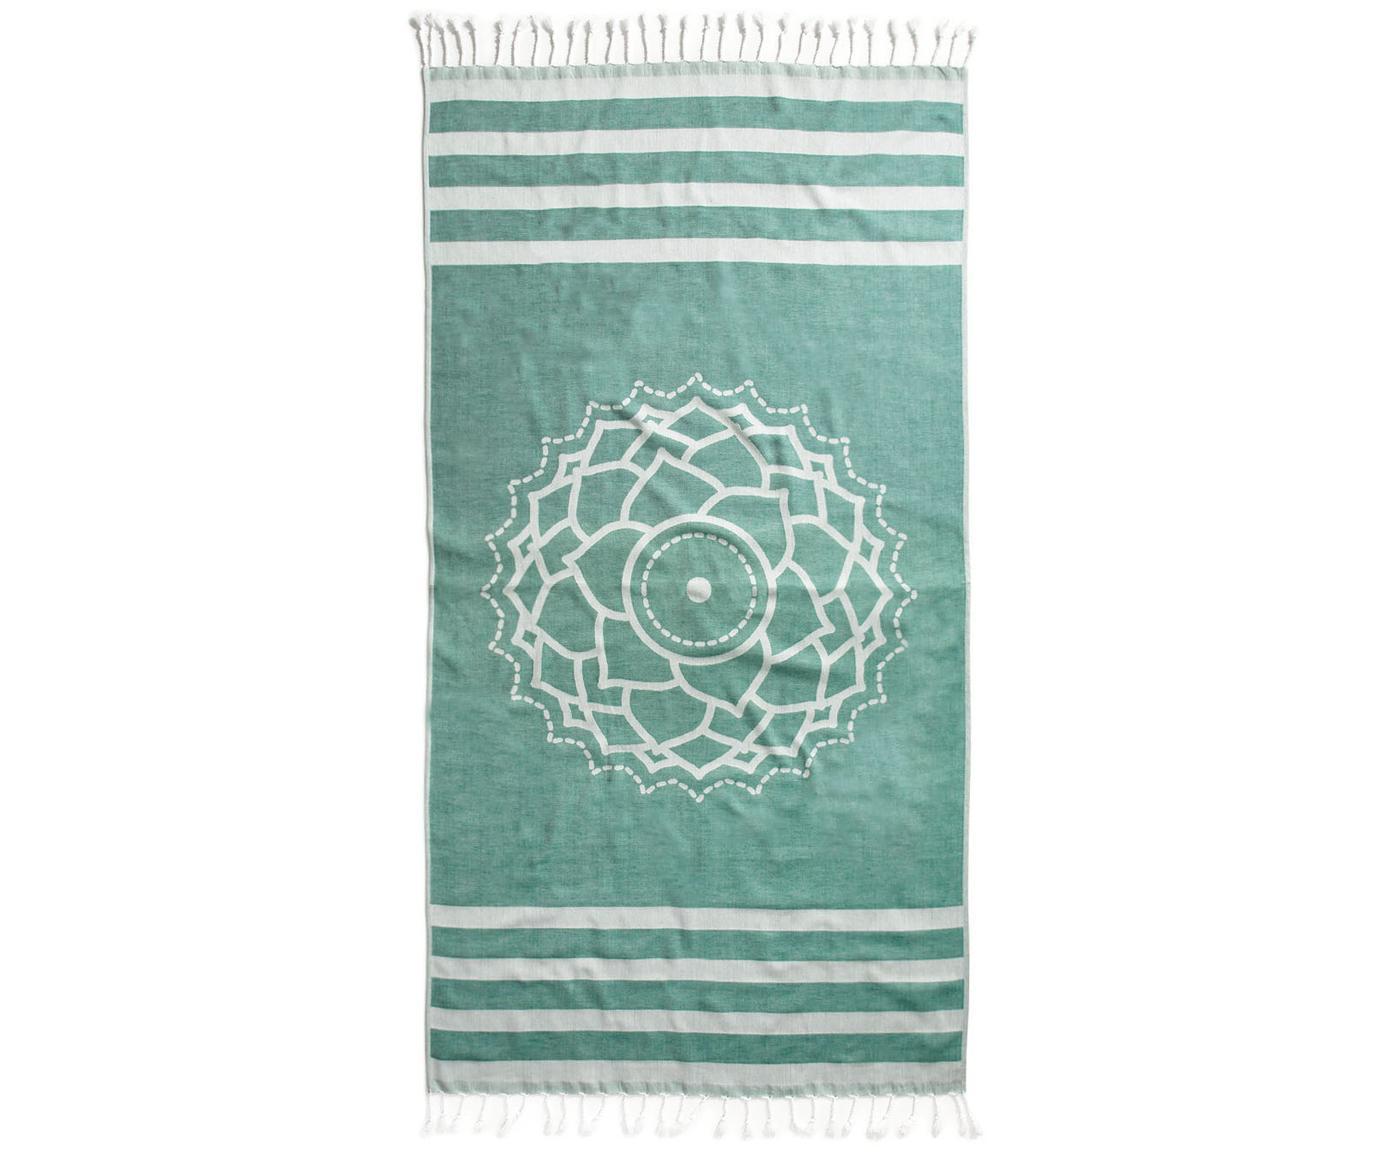 Telo fouta in cotone Crown, Cotone Qualità del tessuto leggero, 210g/m², Verde, bianco, Larg. 90 x Lung. 180 cm